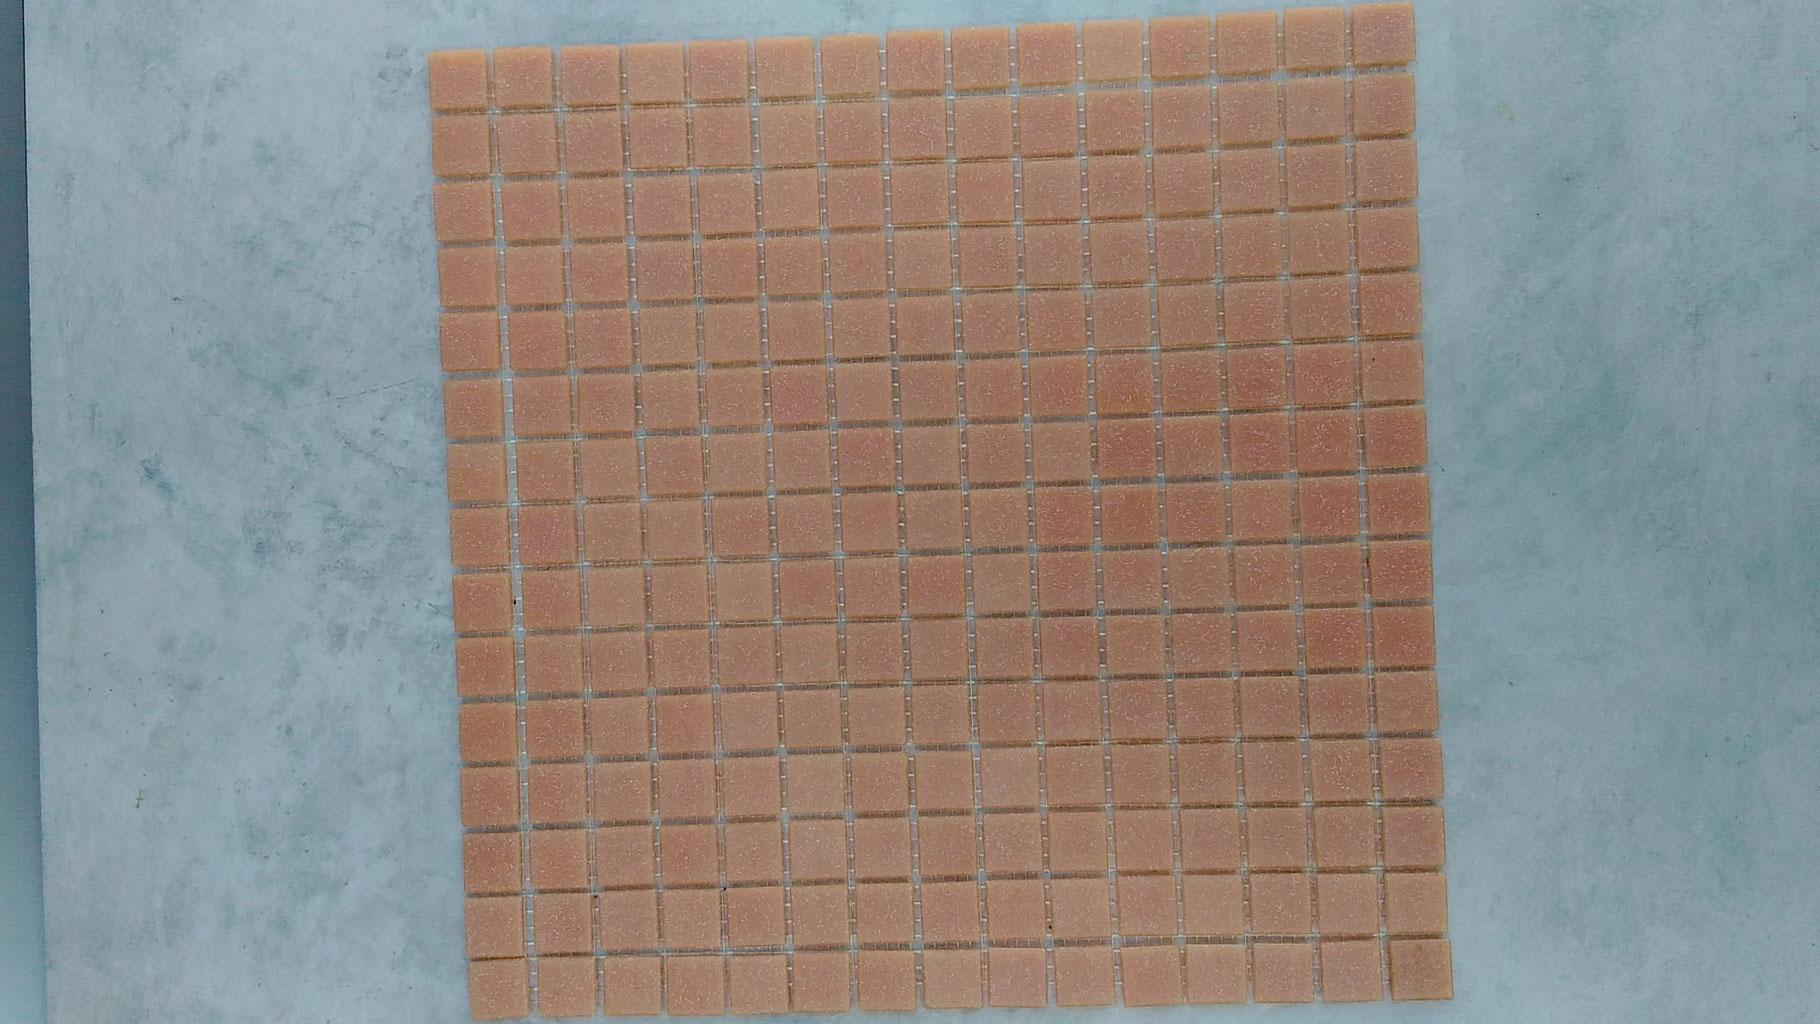 Piastrelle rivestimenti ceramichemetis materiale edile termo idro